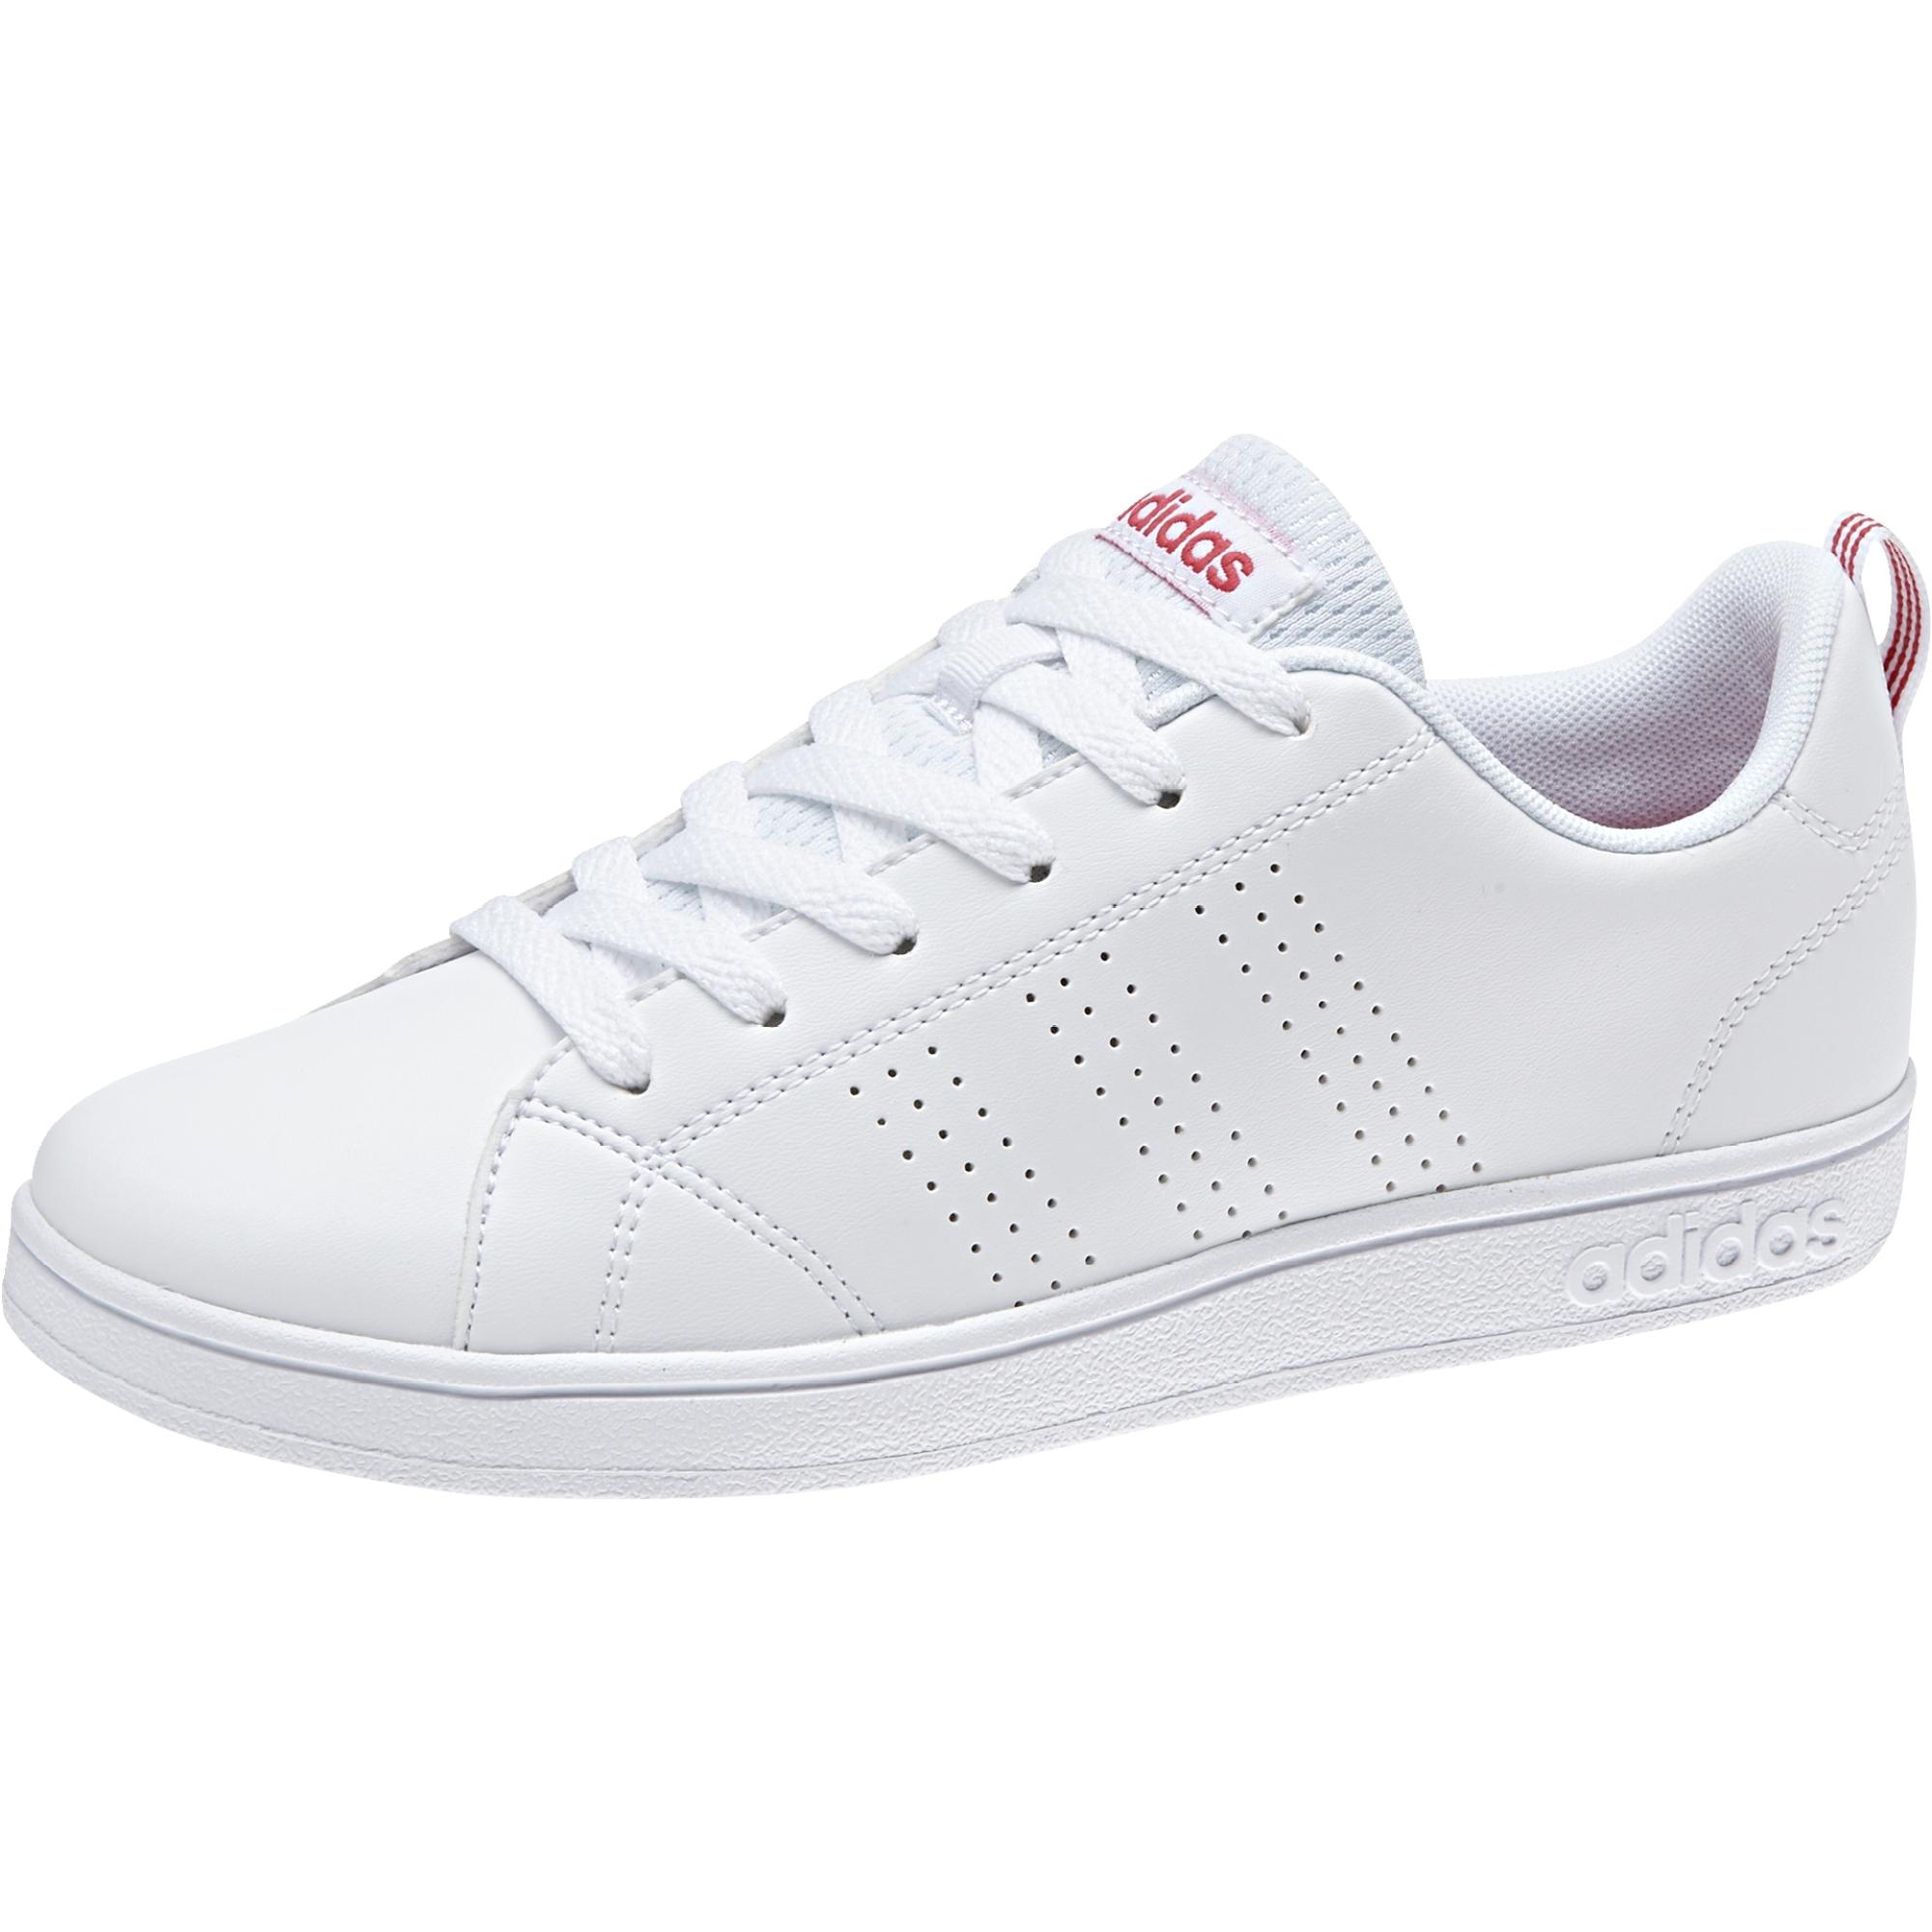 chaussure de femme adidas rose et blanche